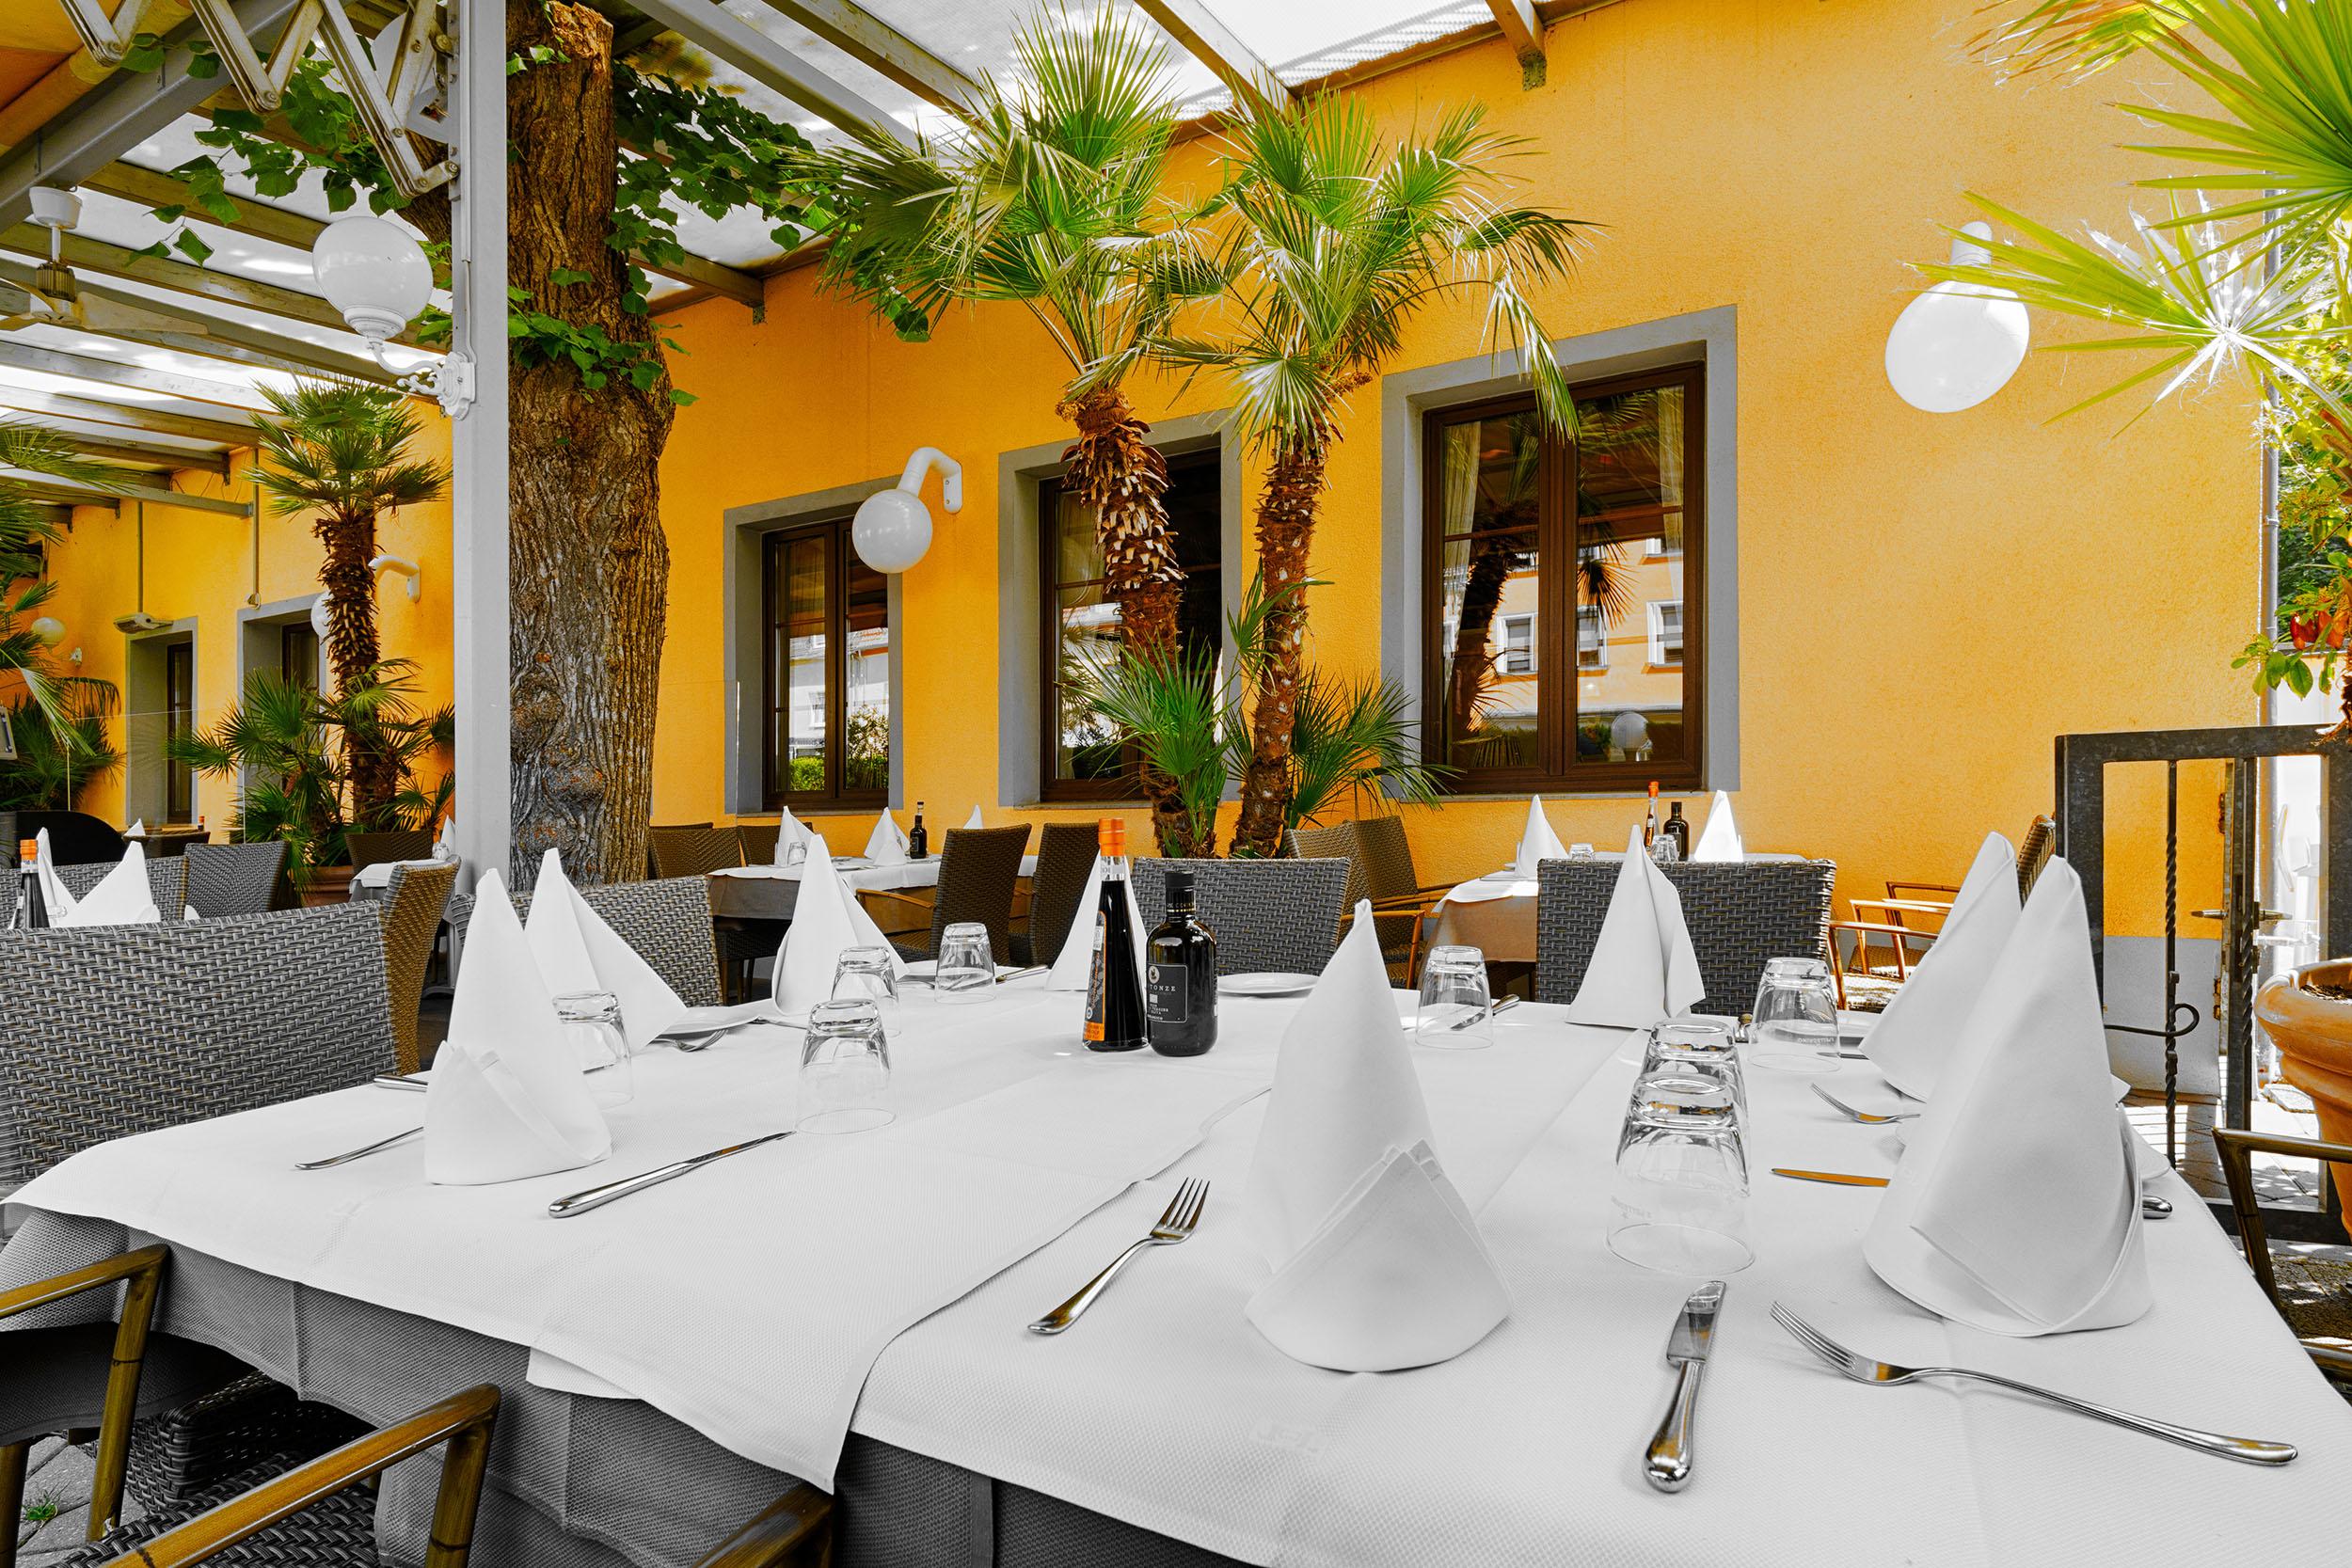 Terrasse Hinten Tisch